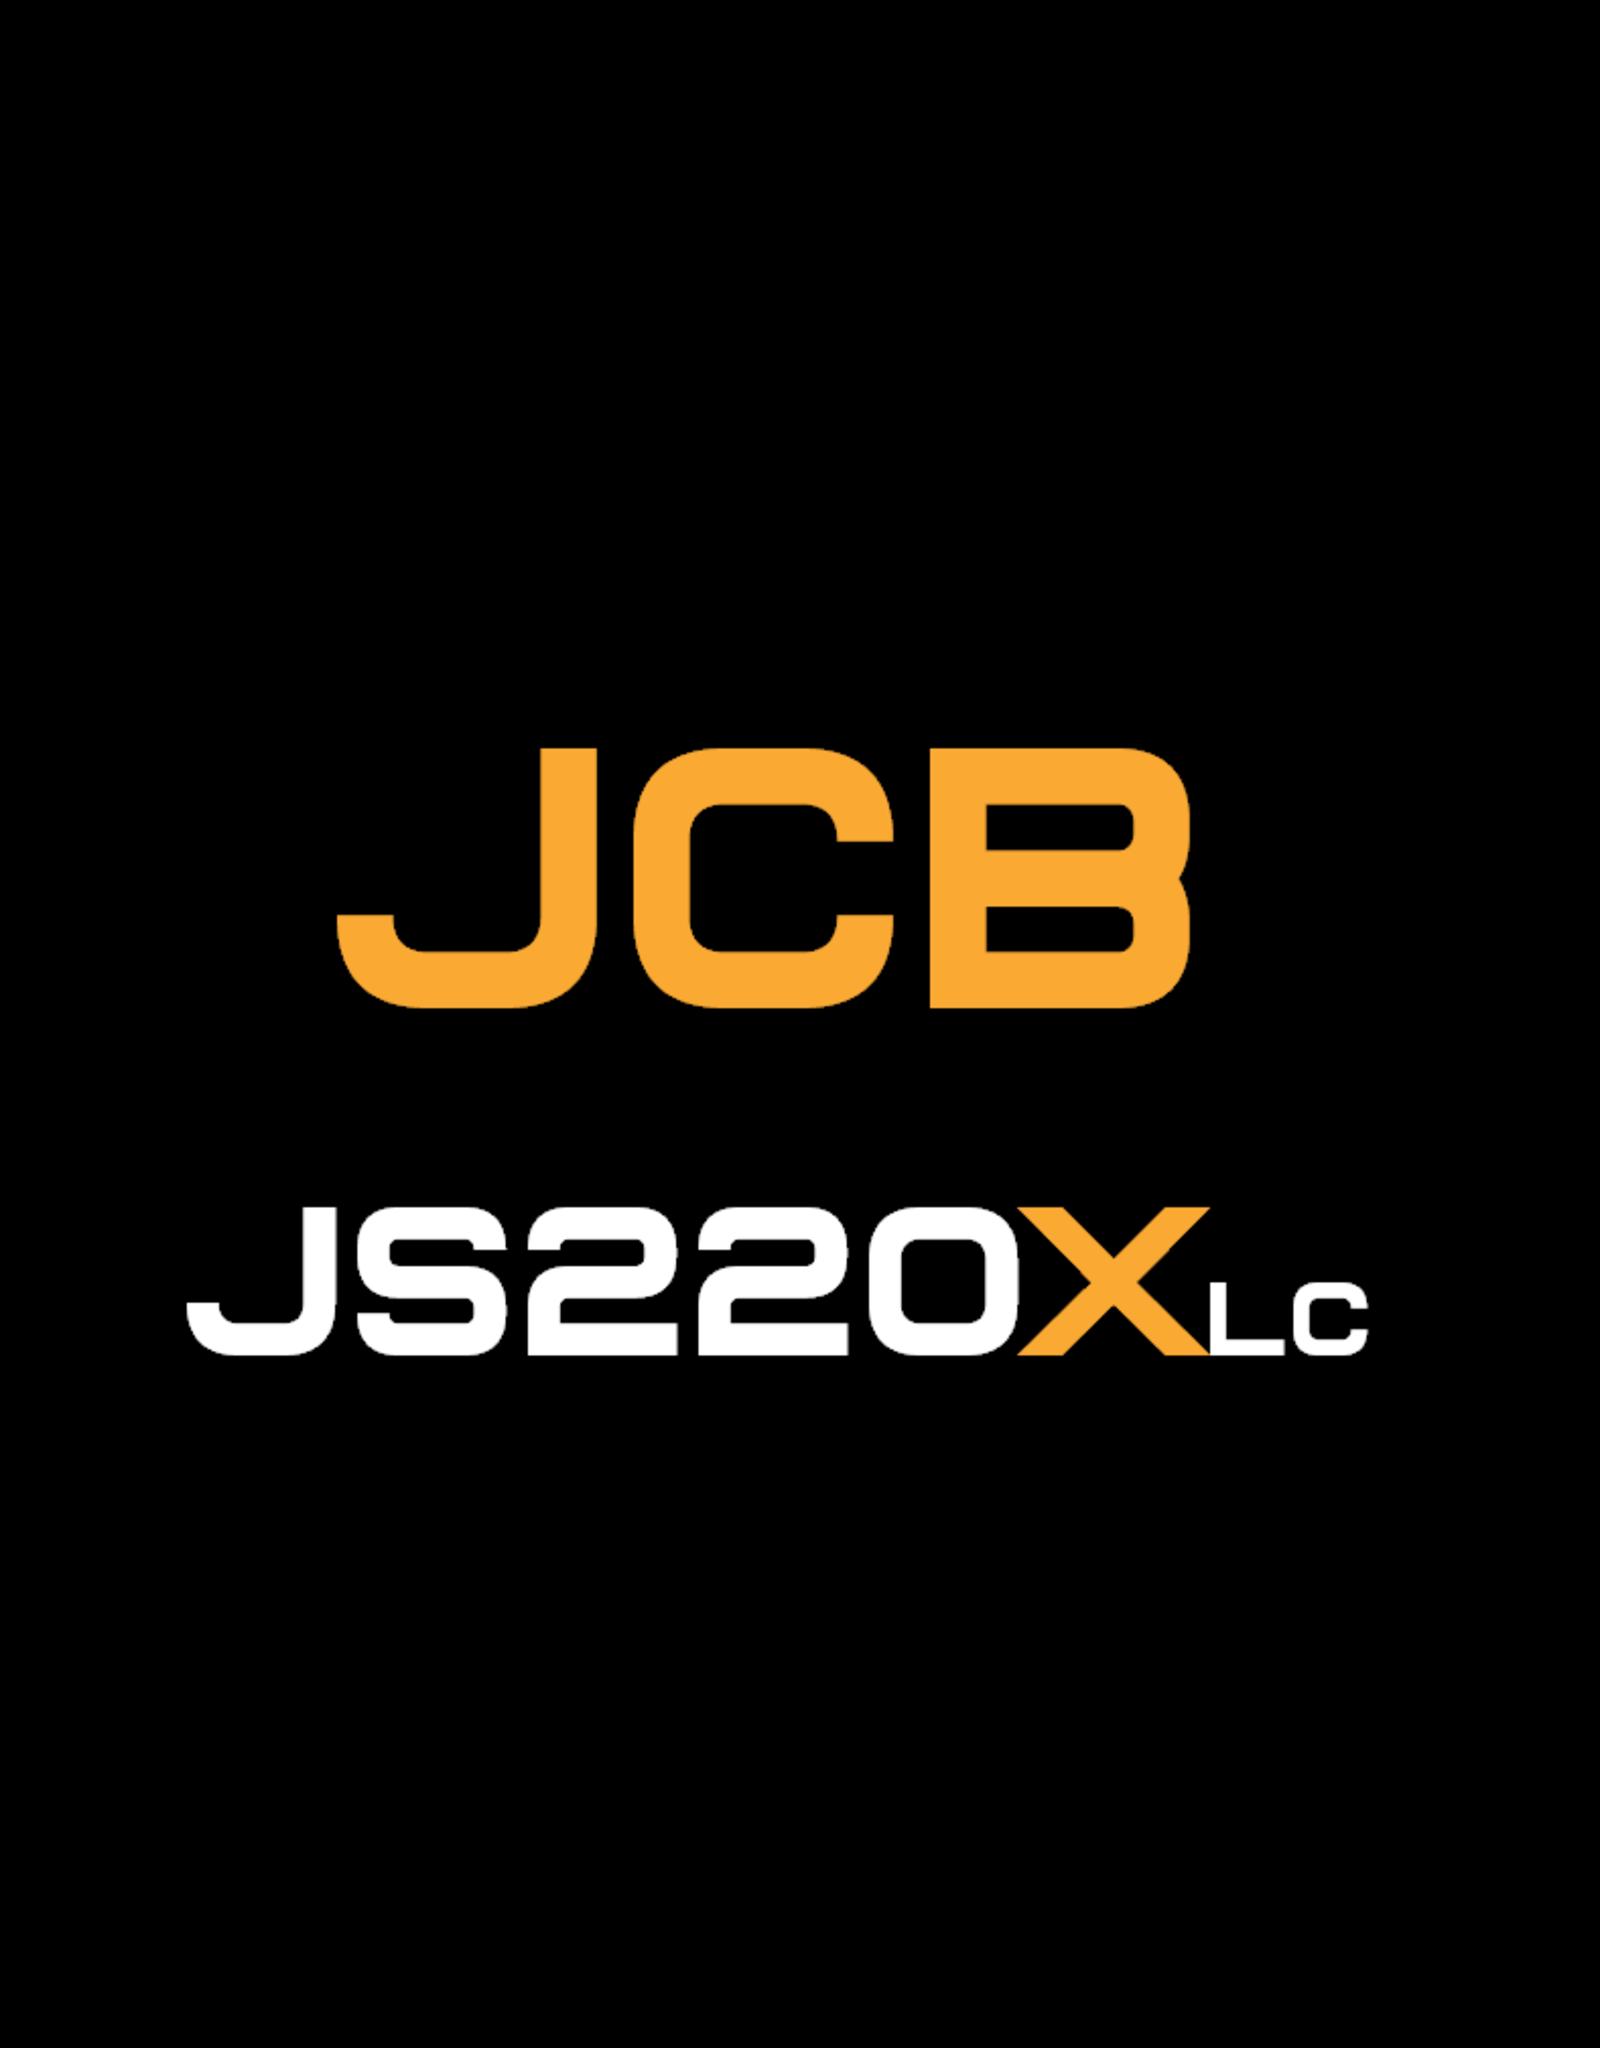 Echle Hartstahl GmbH FOPS pour JCB JS220 X LC